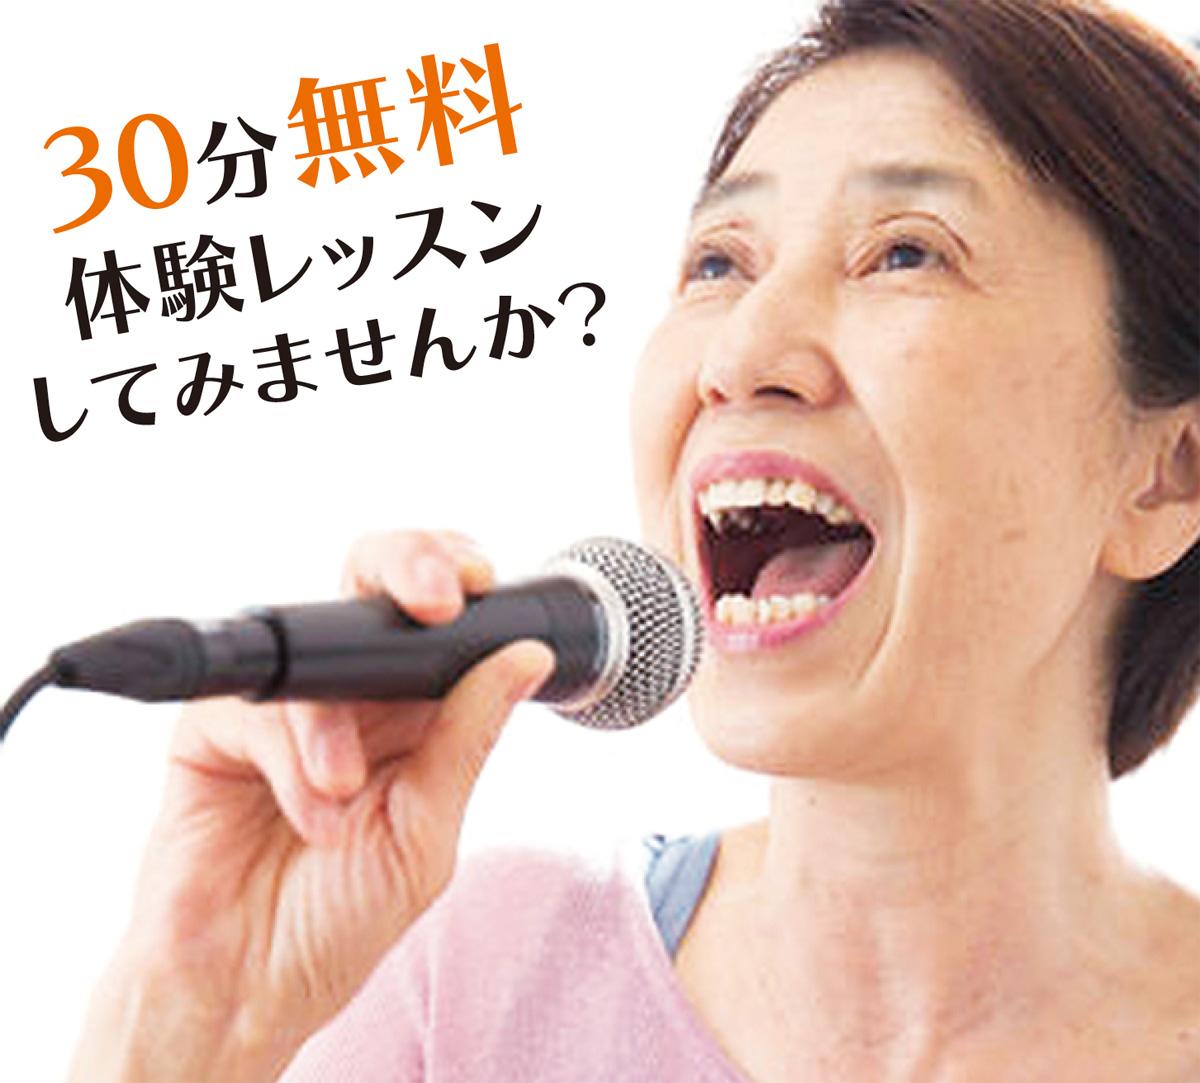 「歌うこと、諦めないで」